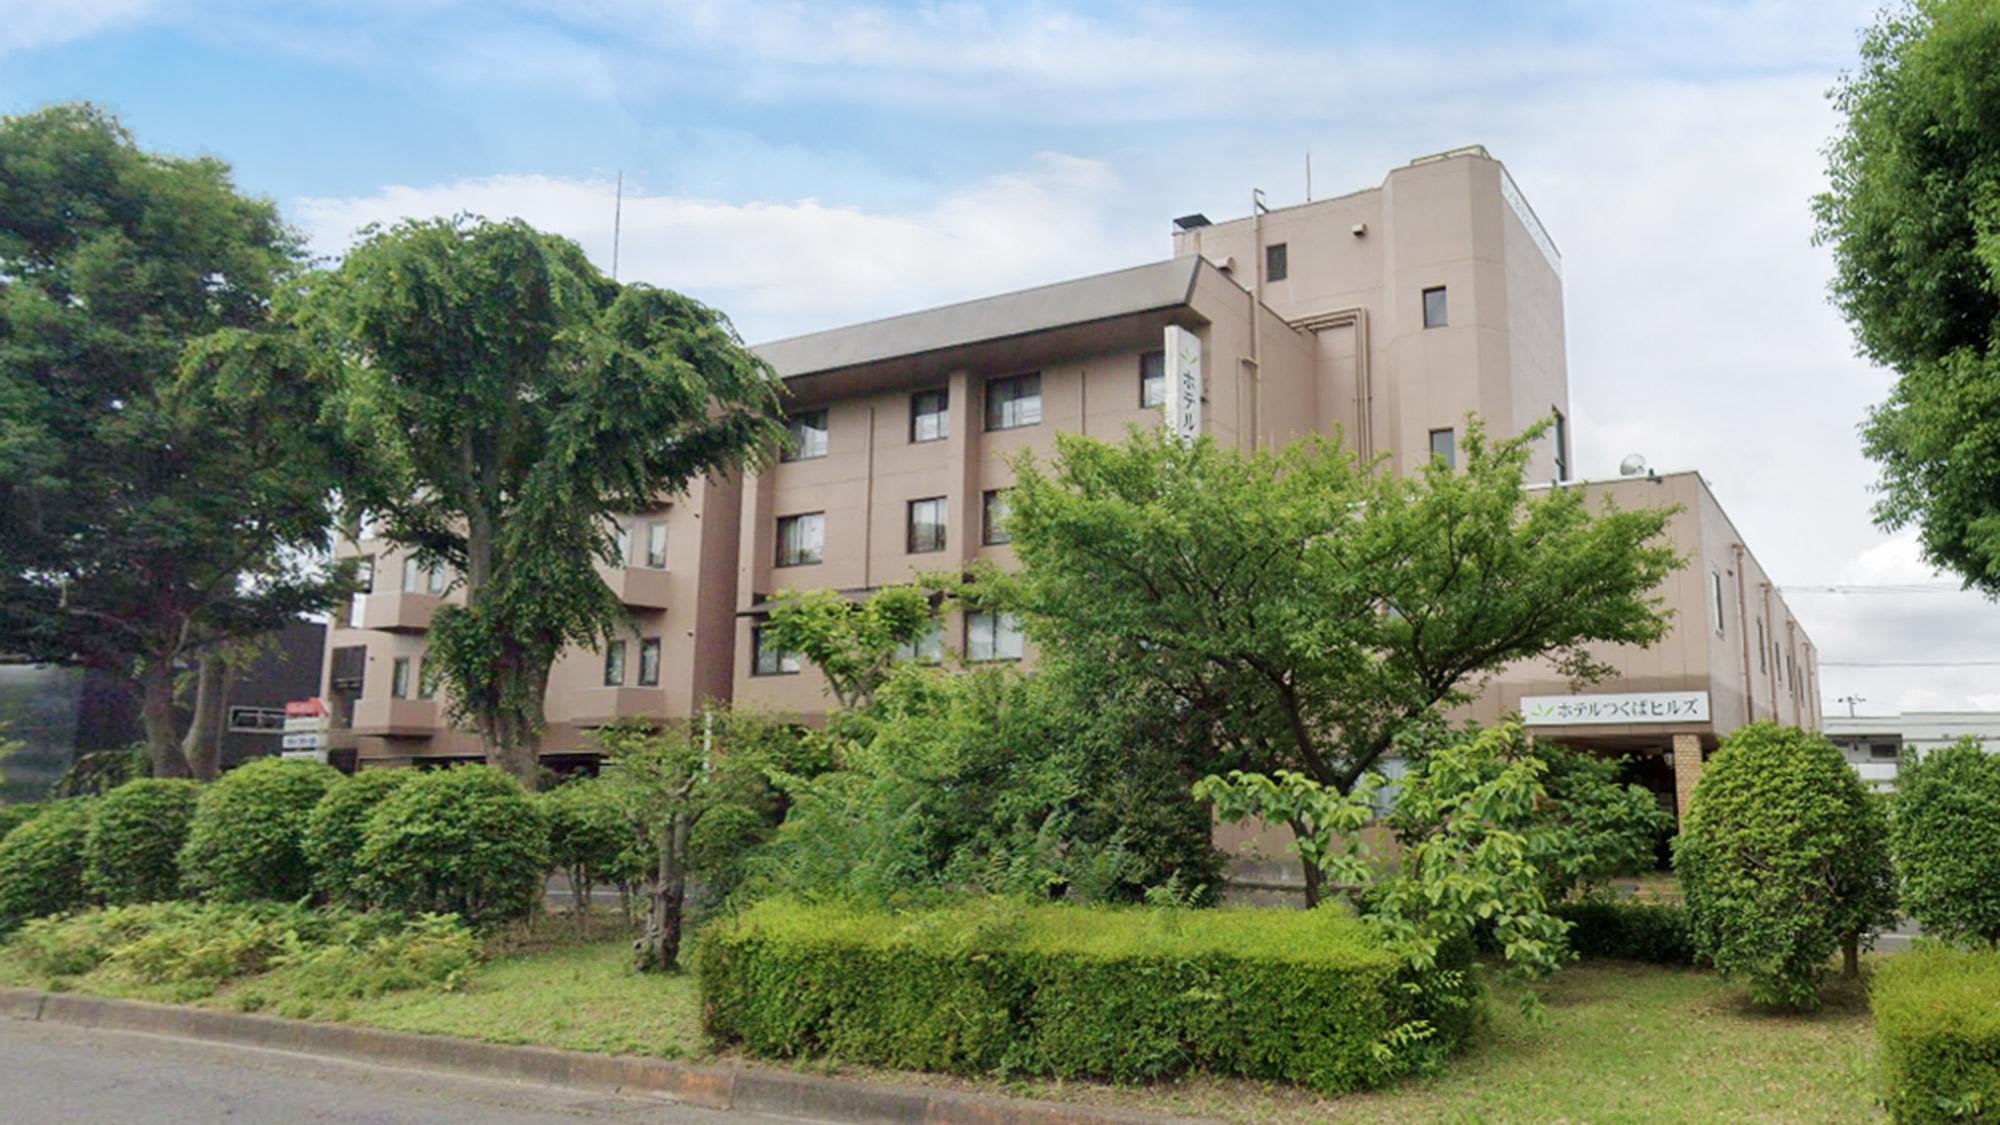 ホテルつくばヒルズ学園西大通り店(BBHホテルグループ)